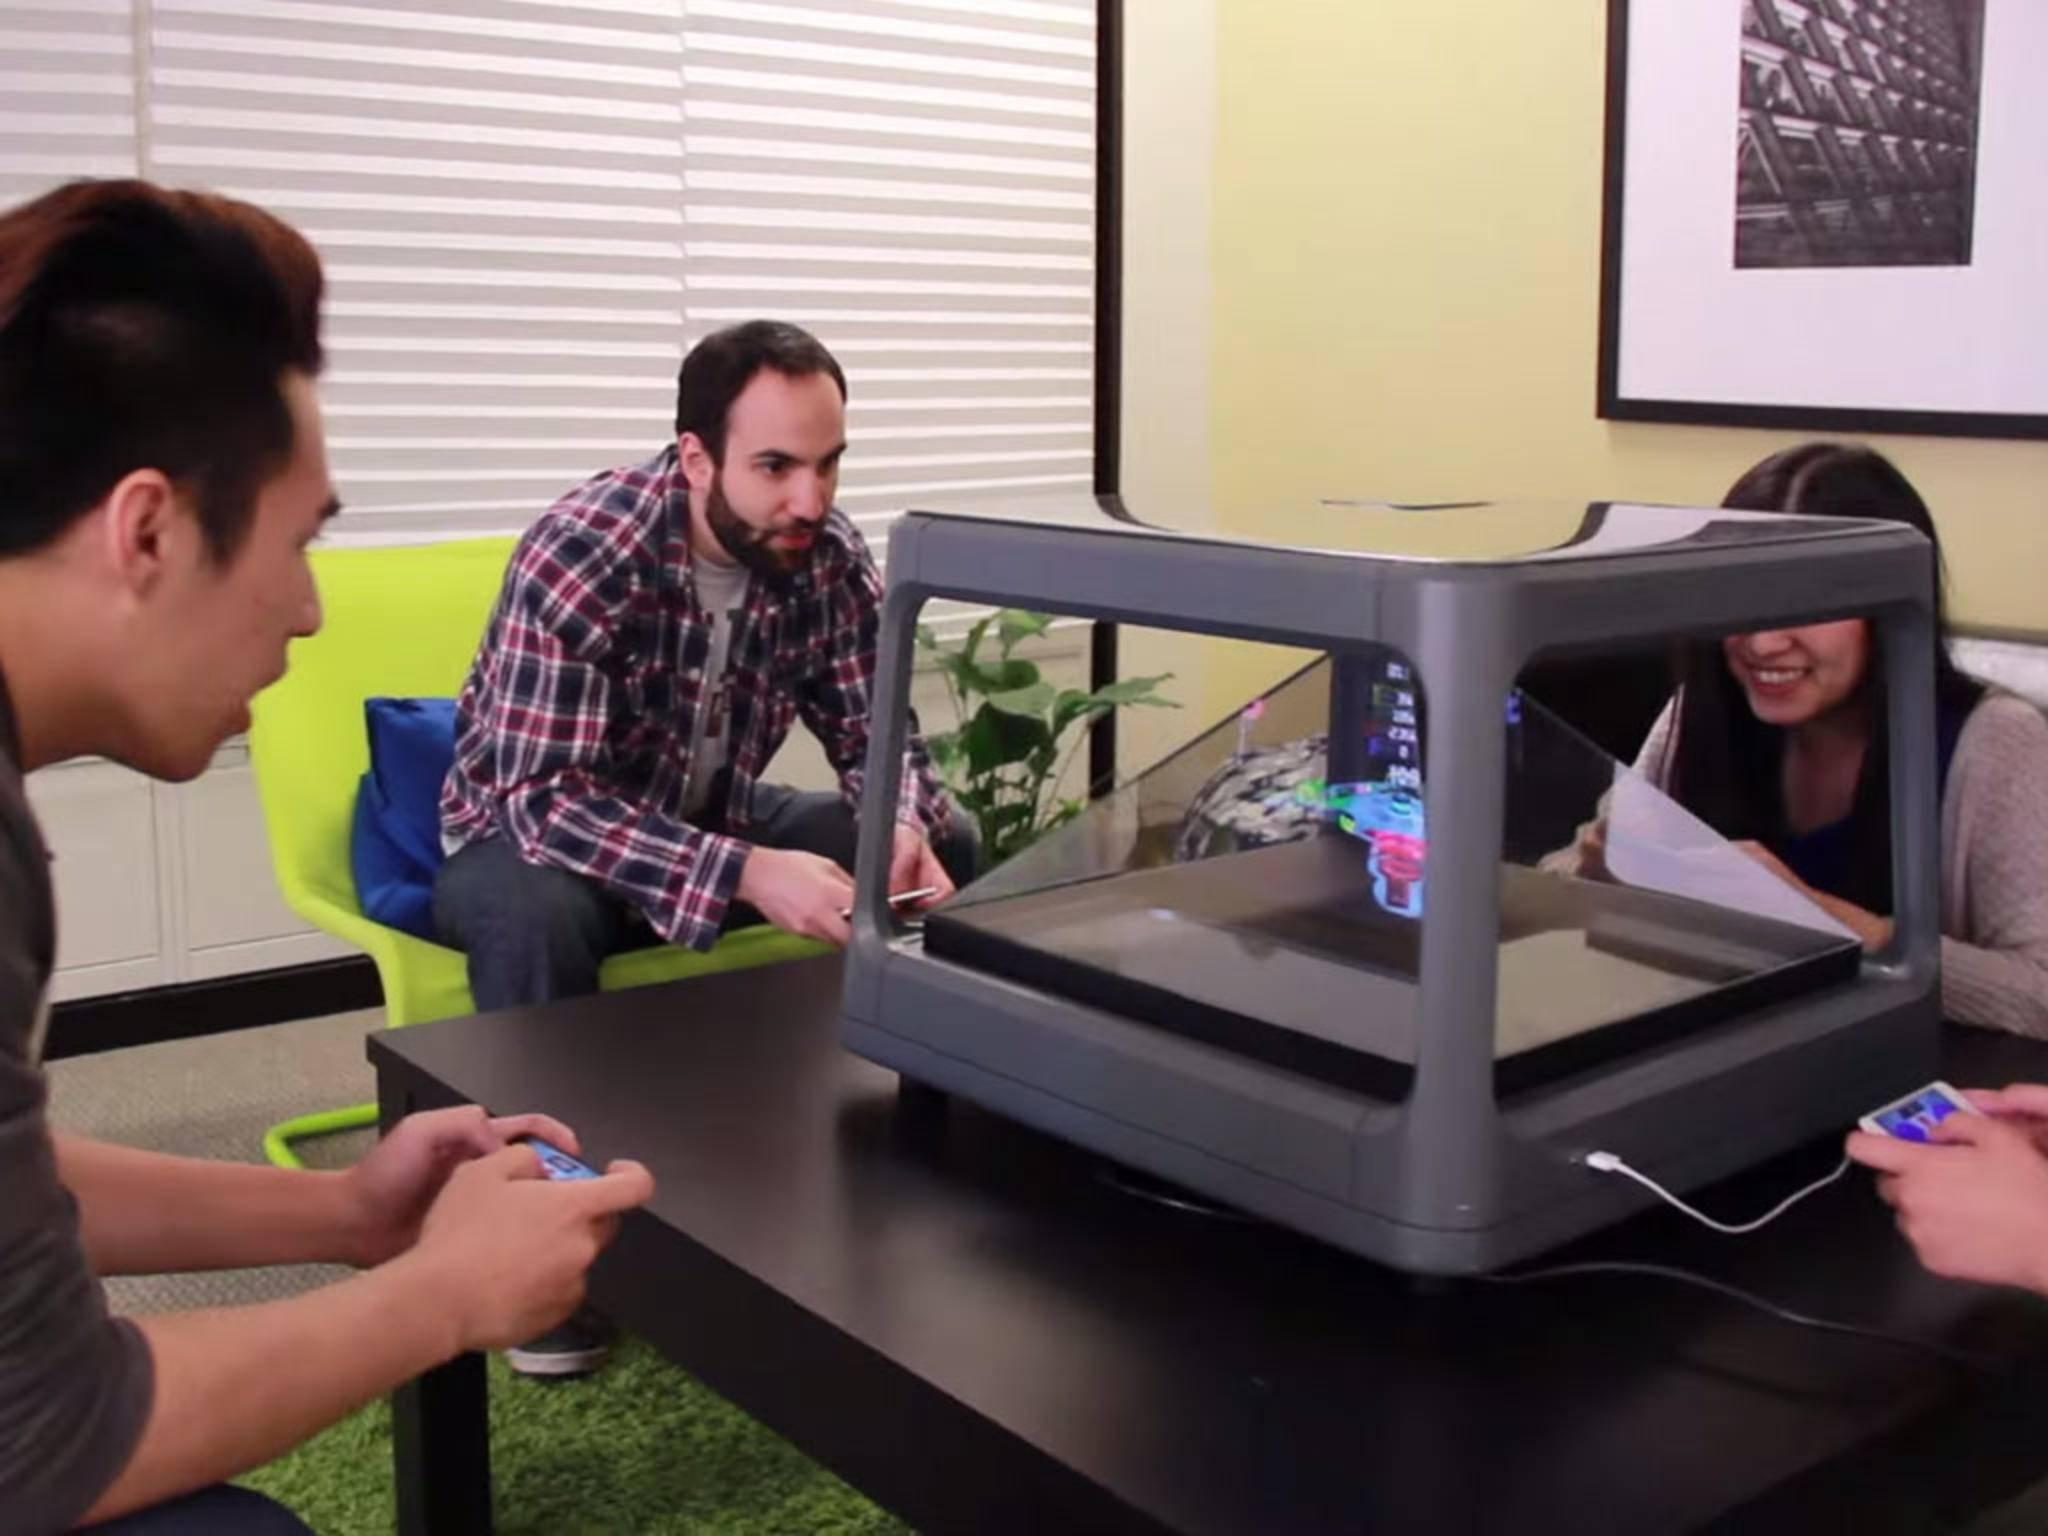 Mit dem Holus kann man gemeinsam 3D-Spiele zocken.